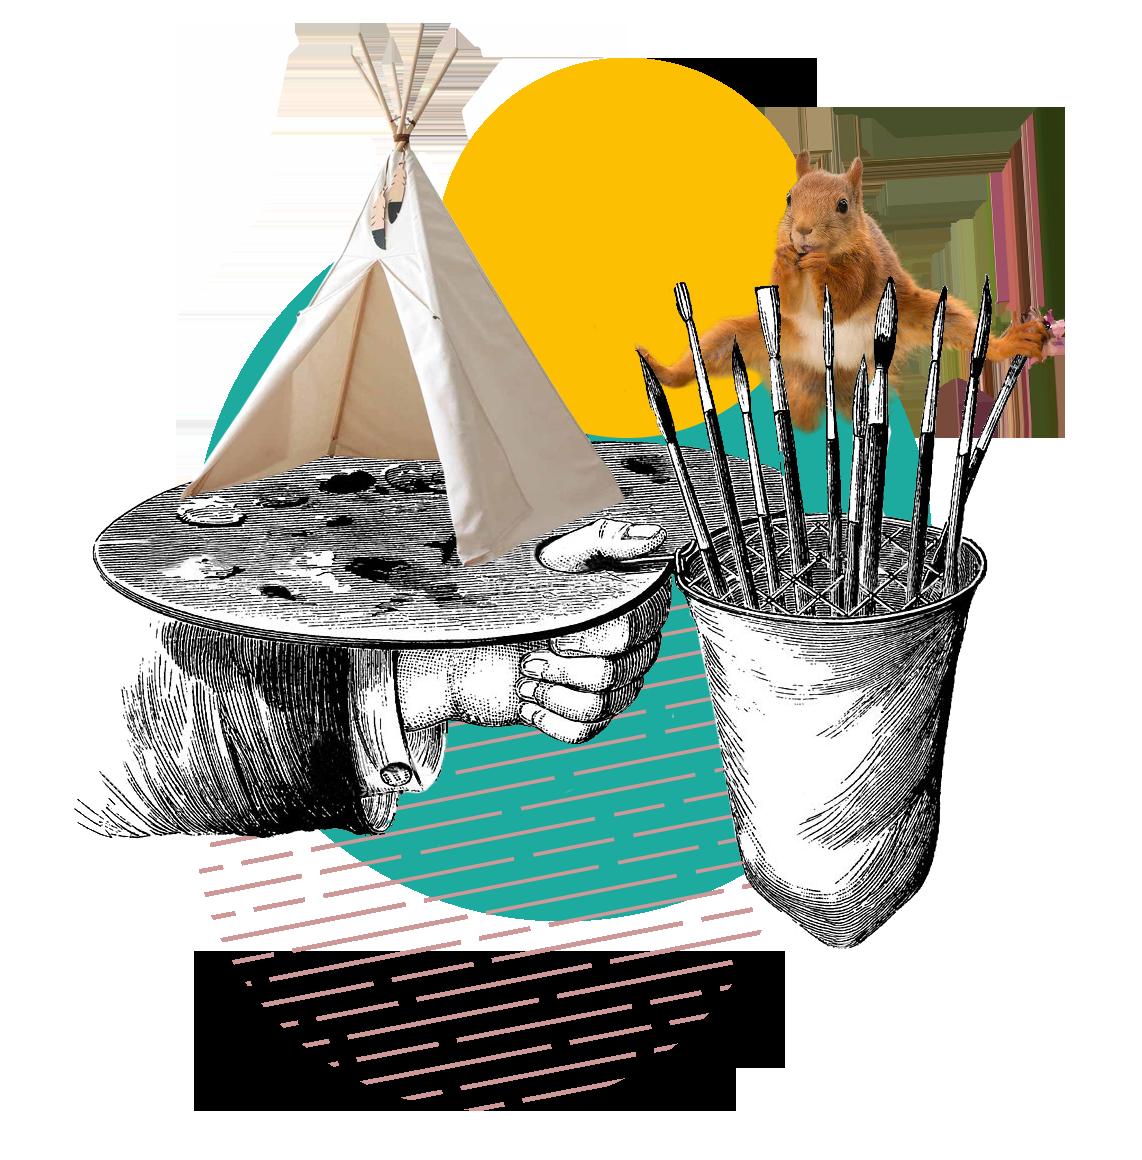 Kamp ilustracija